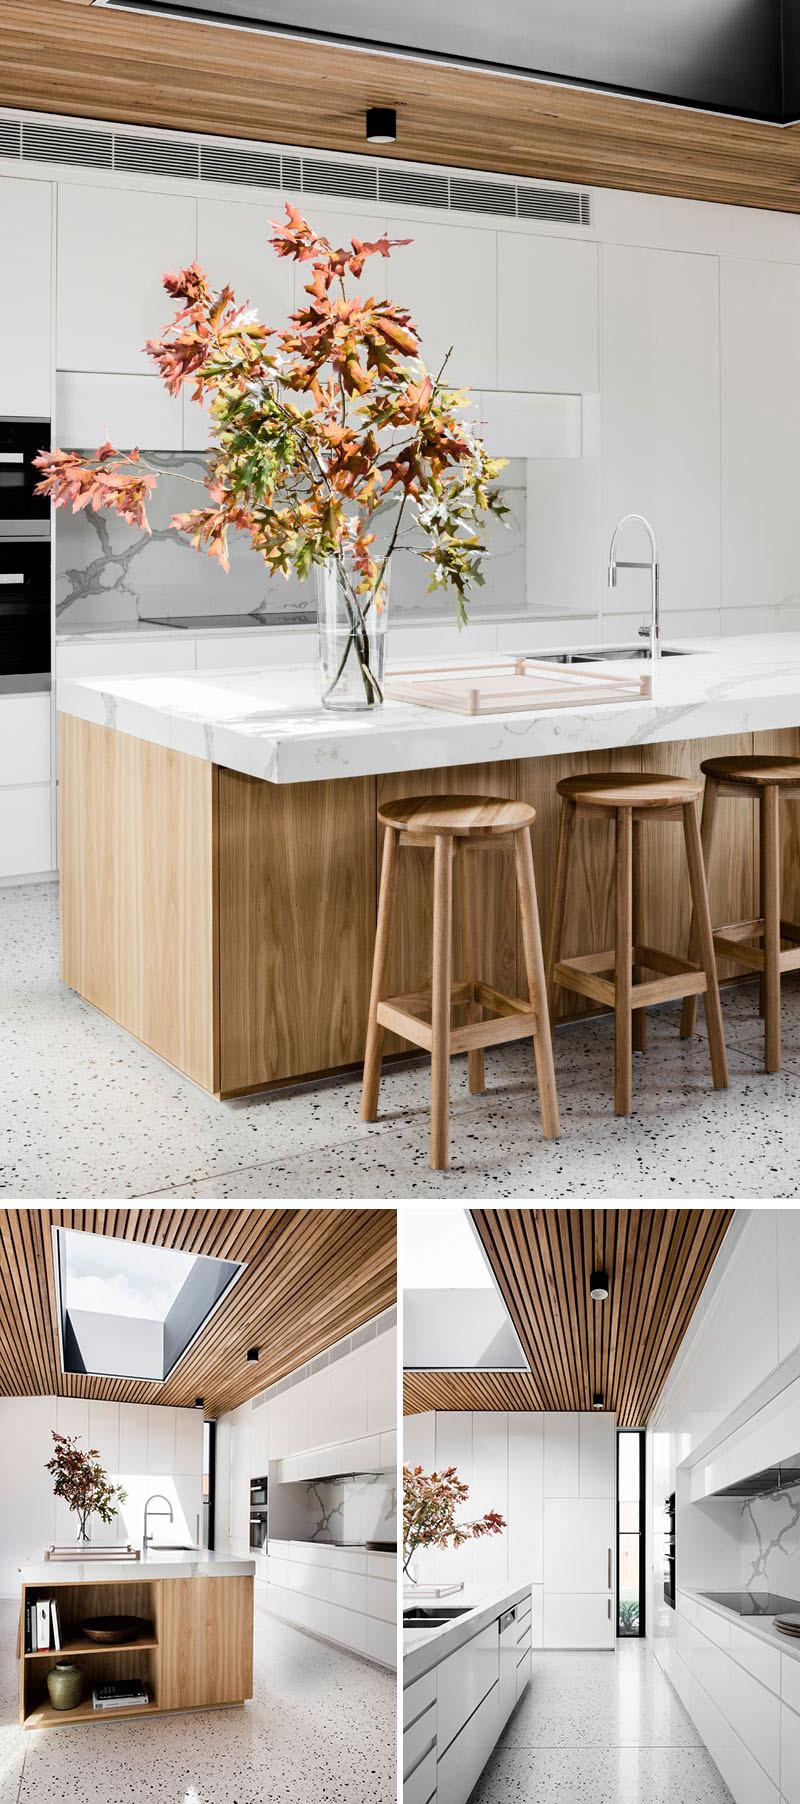 A minimalist home by luxury interior designer FIGR